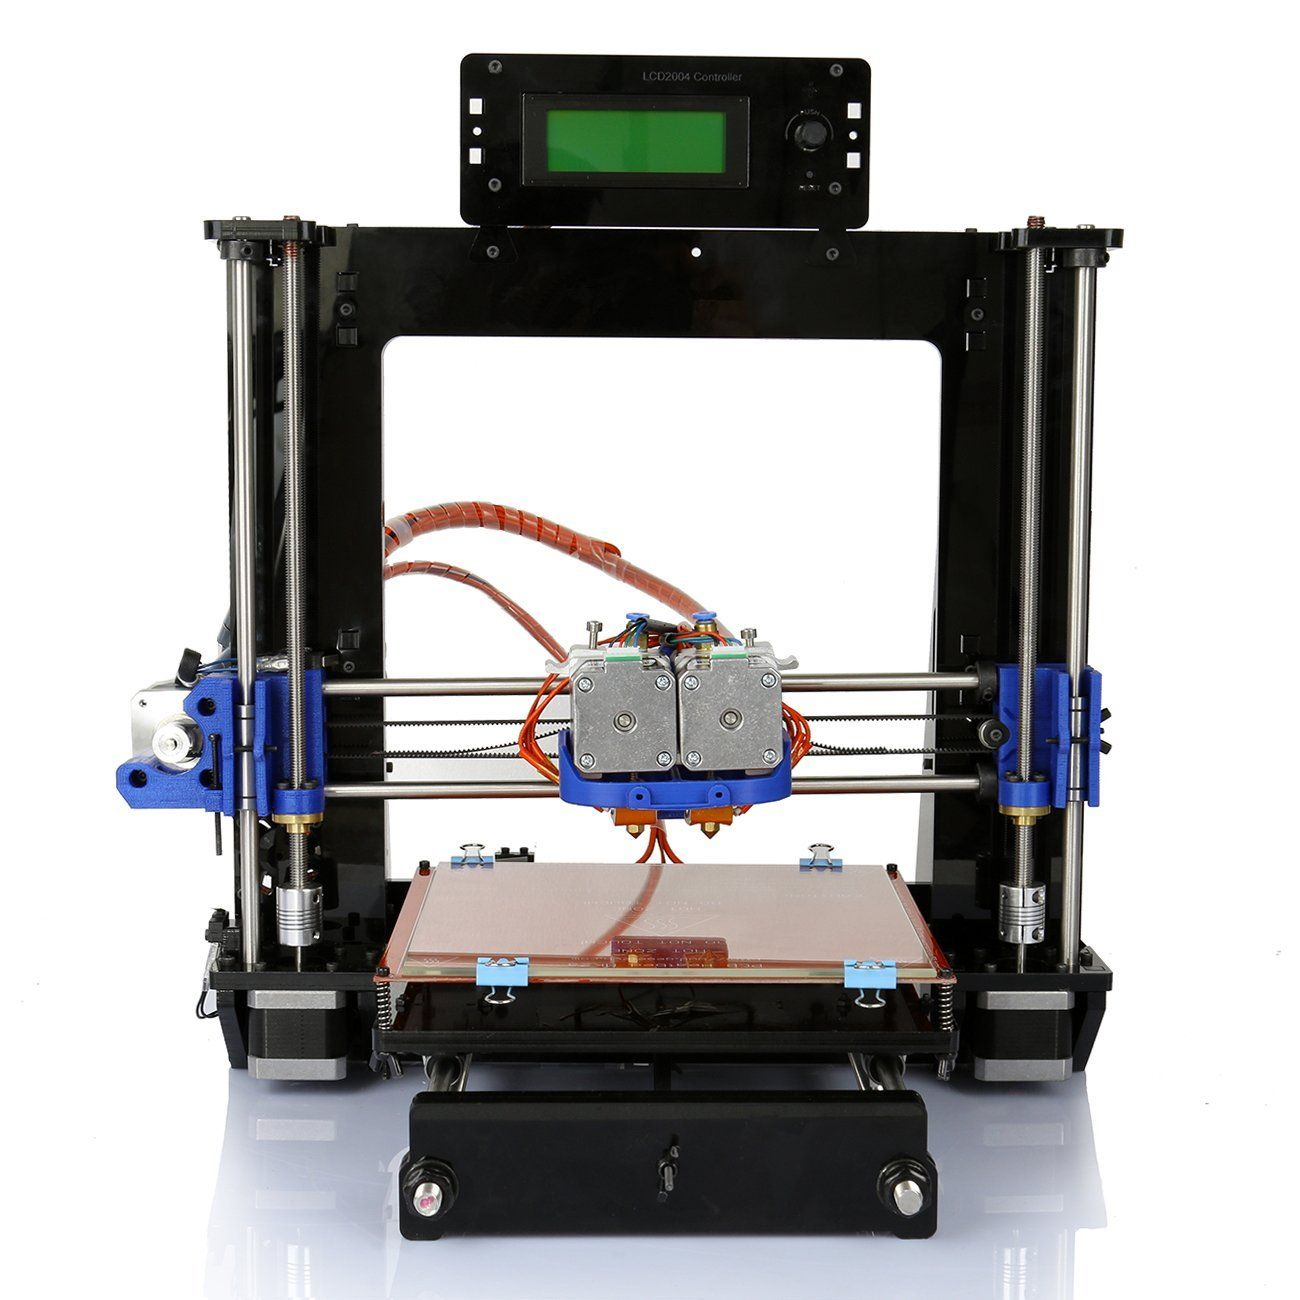 Computer, Tablets & Netzwerk Schneidig 3d Drucker Computer Drucker Print 3d-drucker & Zubehör